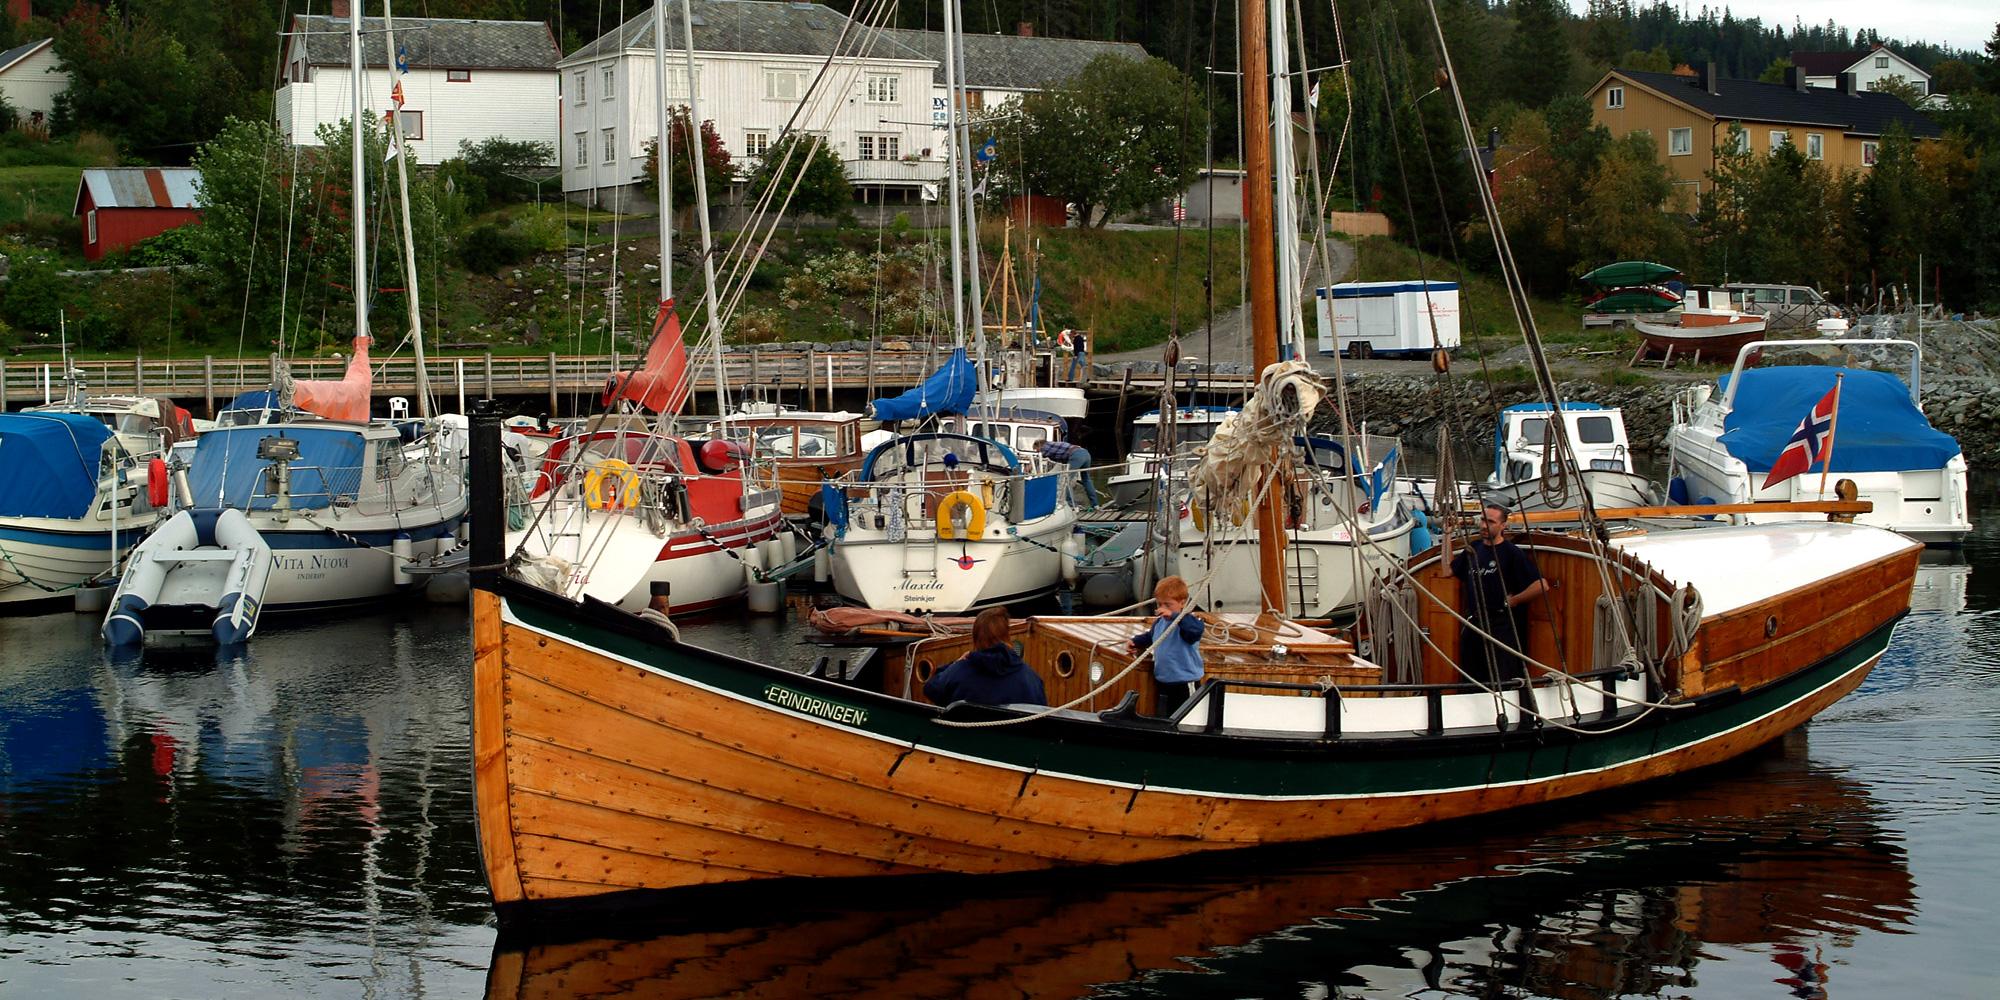 Båten Endringen ligger  her ved Kjerknesvågen Kai. Copyright: Kjrknesvågen Kai og Båtforening